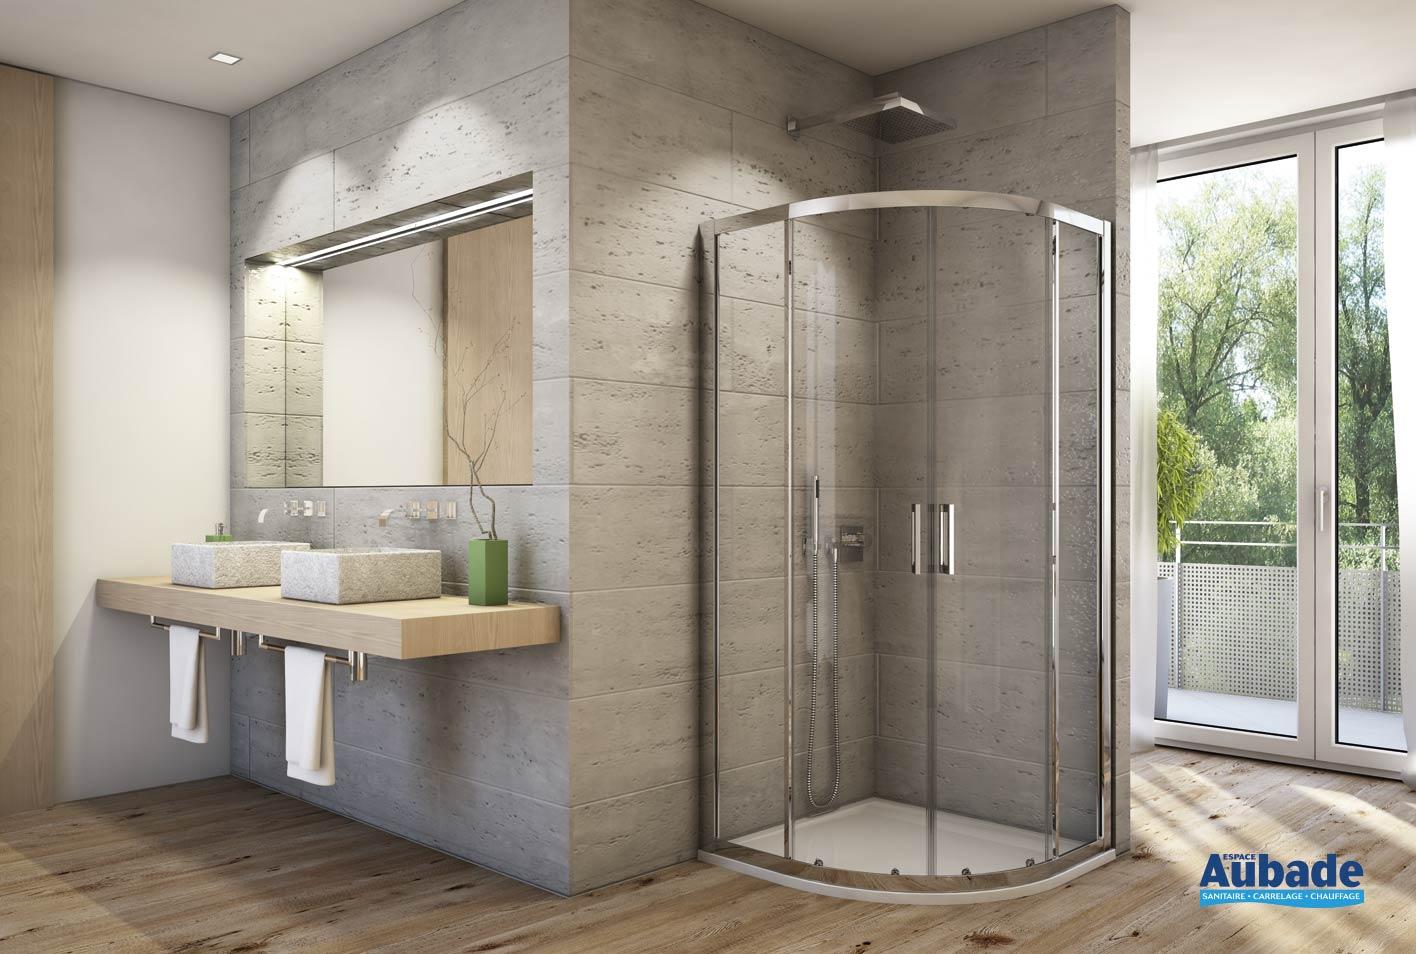 paroi de douche d 39 angle arrondie sanswiss topr espace aubade. Black Bedroom Furniture Sets. Home Design Ideas